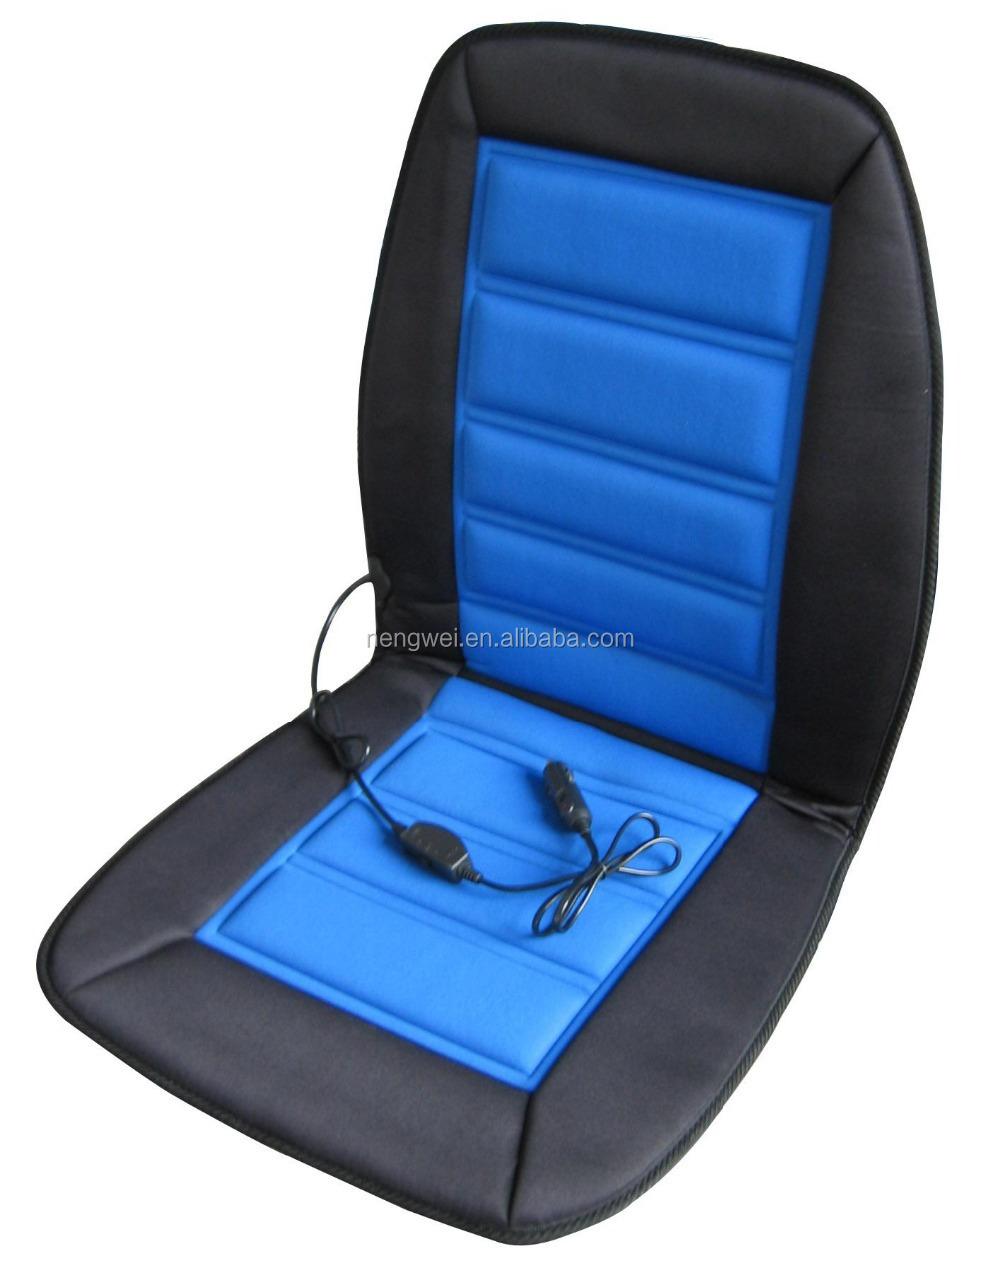 coussin de massage de voiture coussin de si ge chauffant. Black Bedroom Furniture Sets. Home Design Ideas